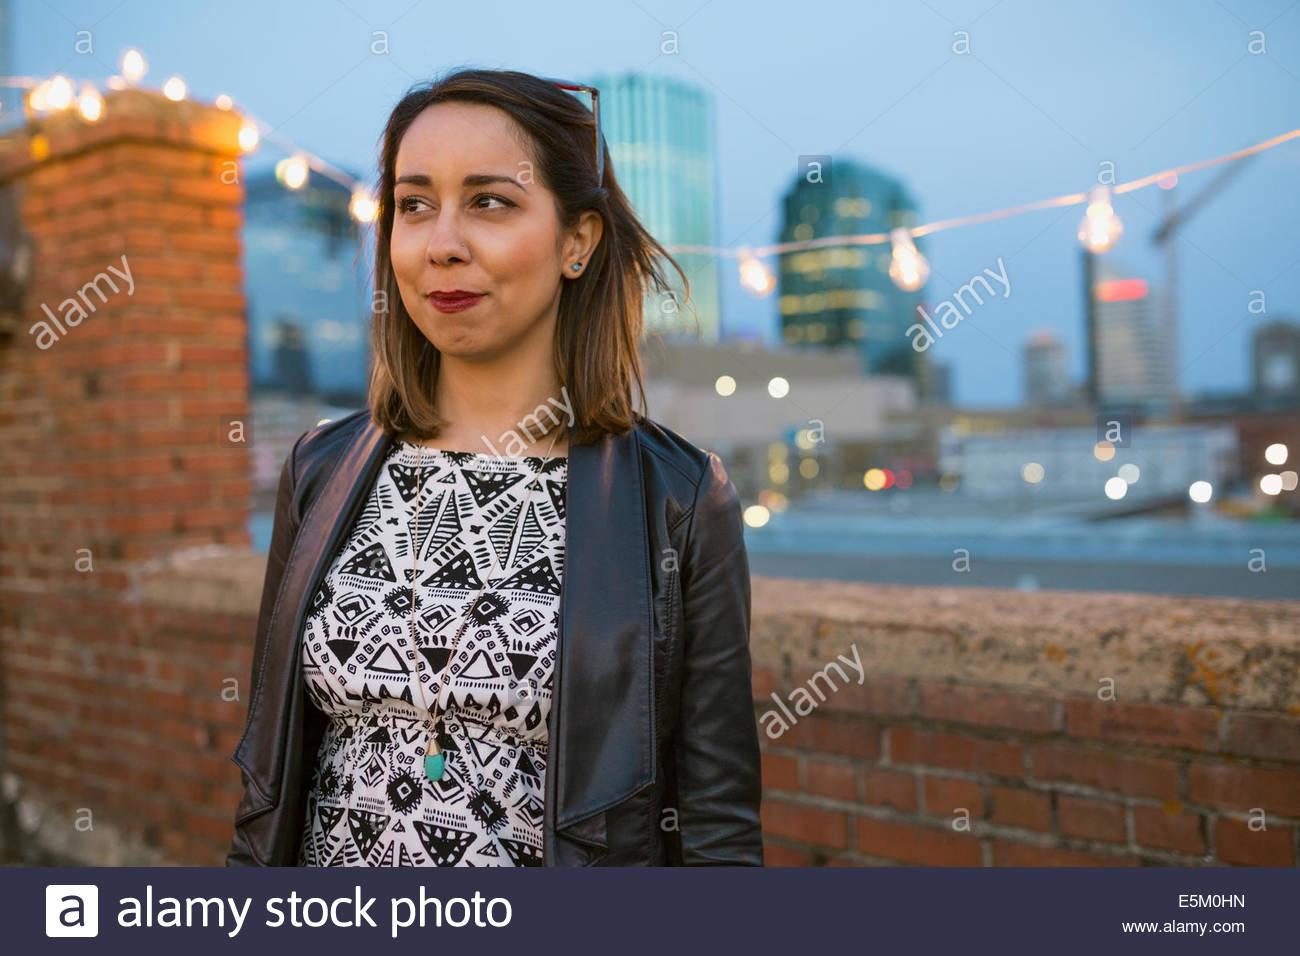 Donna sorridente che guarda lontano sul tetto urbano Foto Stock